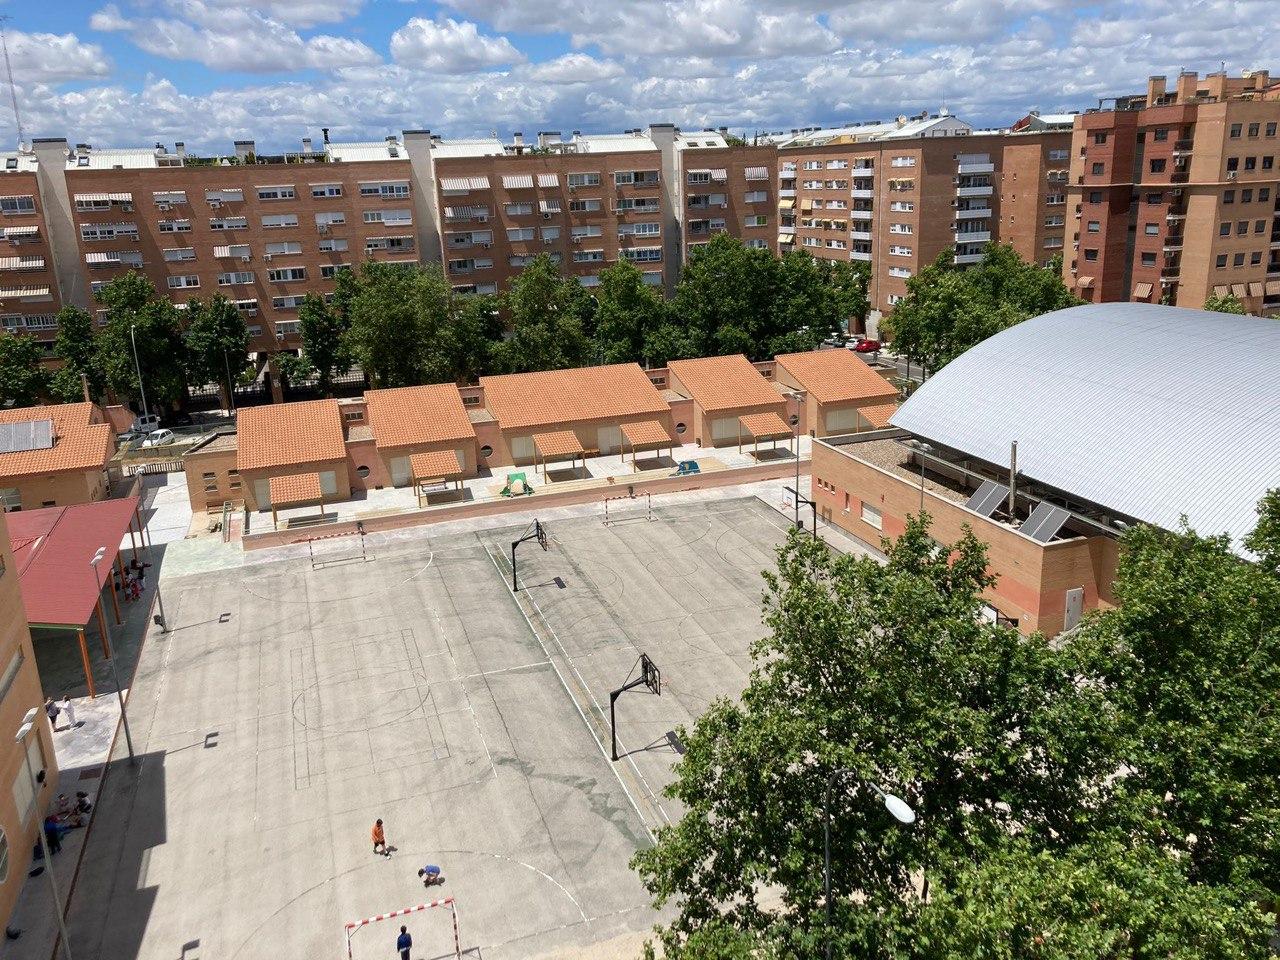 Vista aérea - A.M.P.A. Clara Campoamor (Alcorcon)